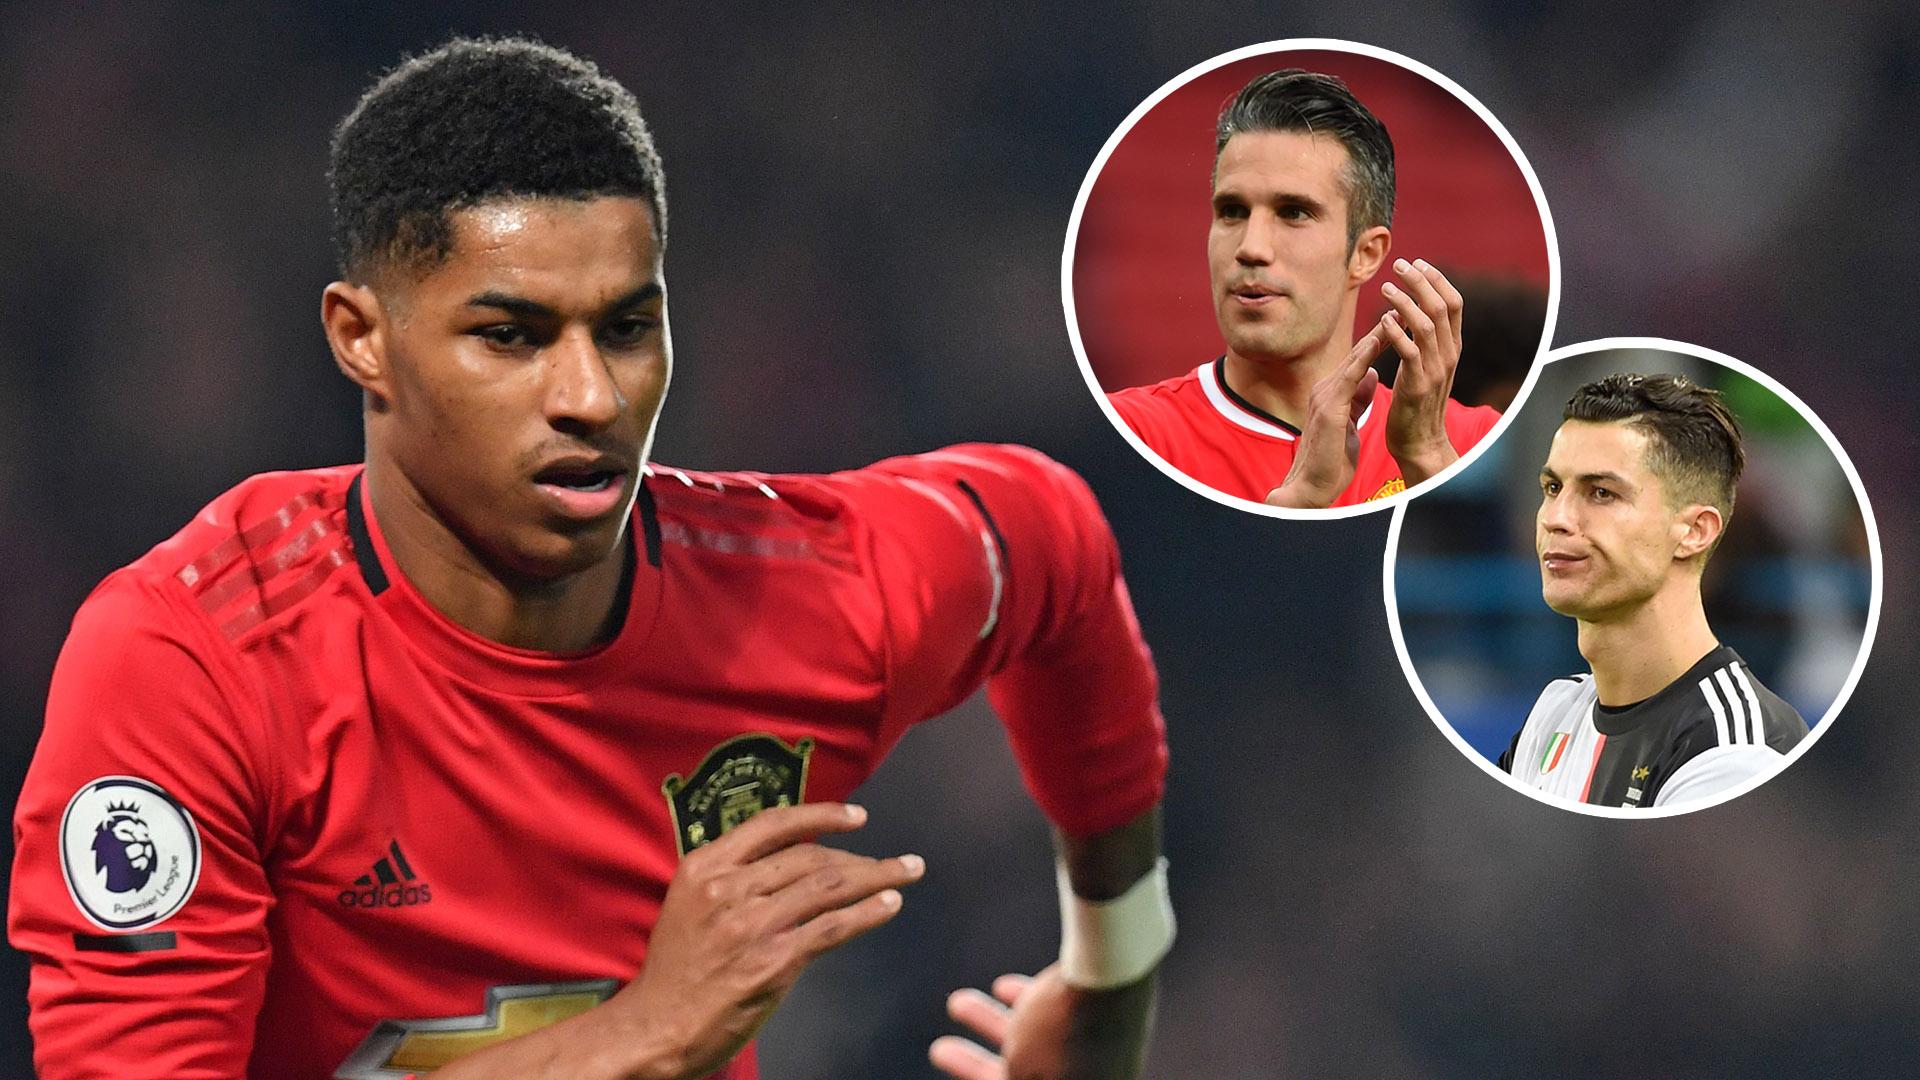 """Manchester United - """"N'essaie pas de copier"""", les conseils de Van Persie à Rashford"""